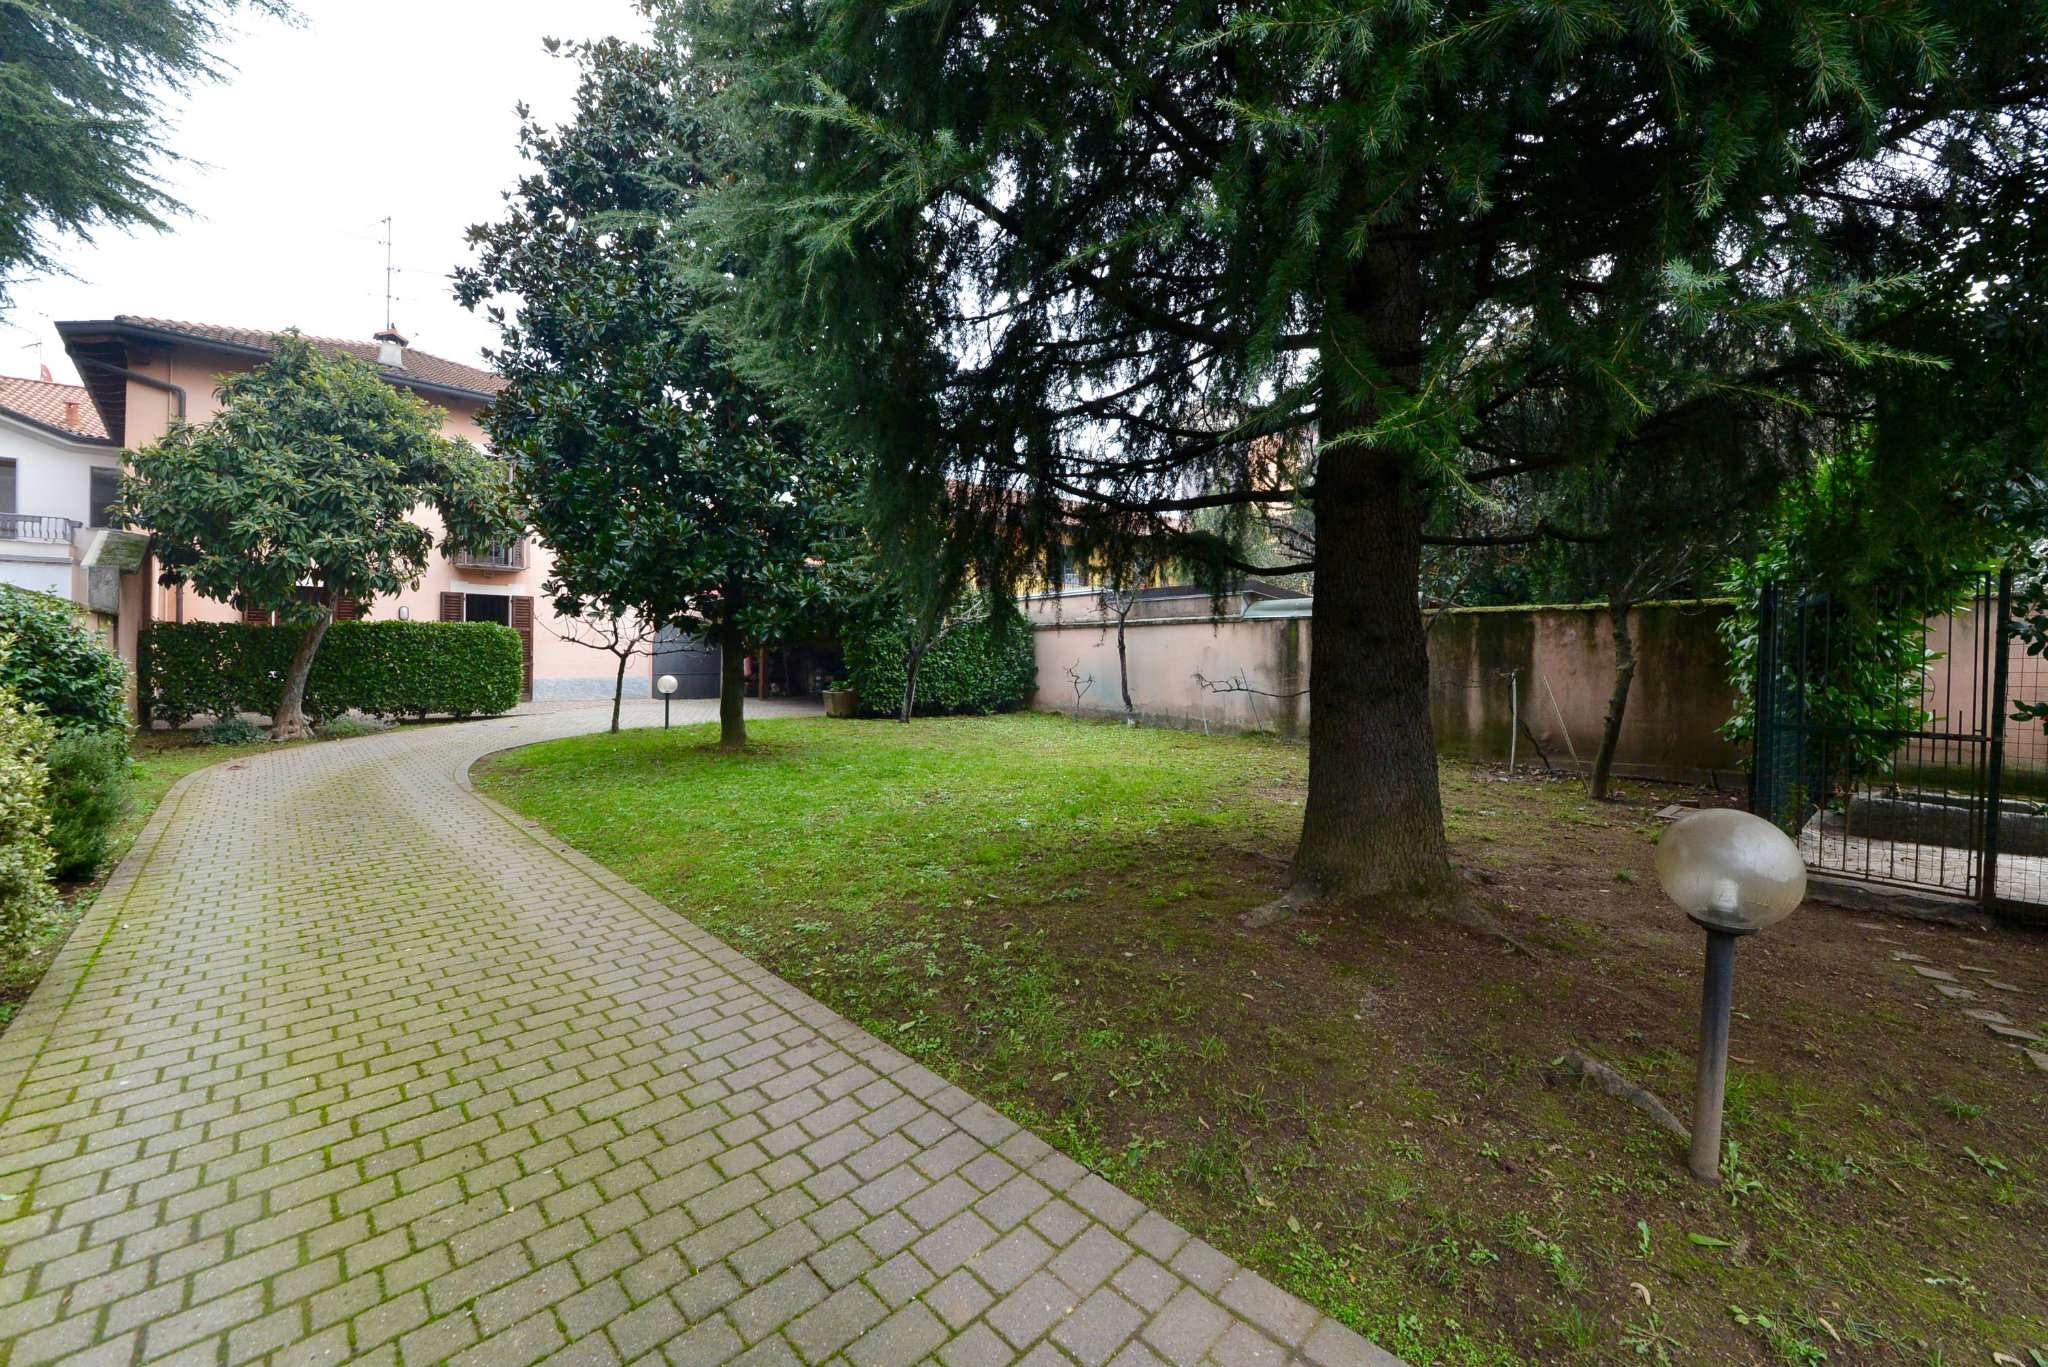 Villa in vendita a Desio, 5 locali, prezzo € 580.000 | CambioCasa.it